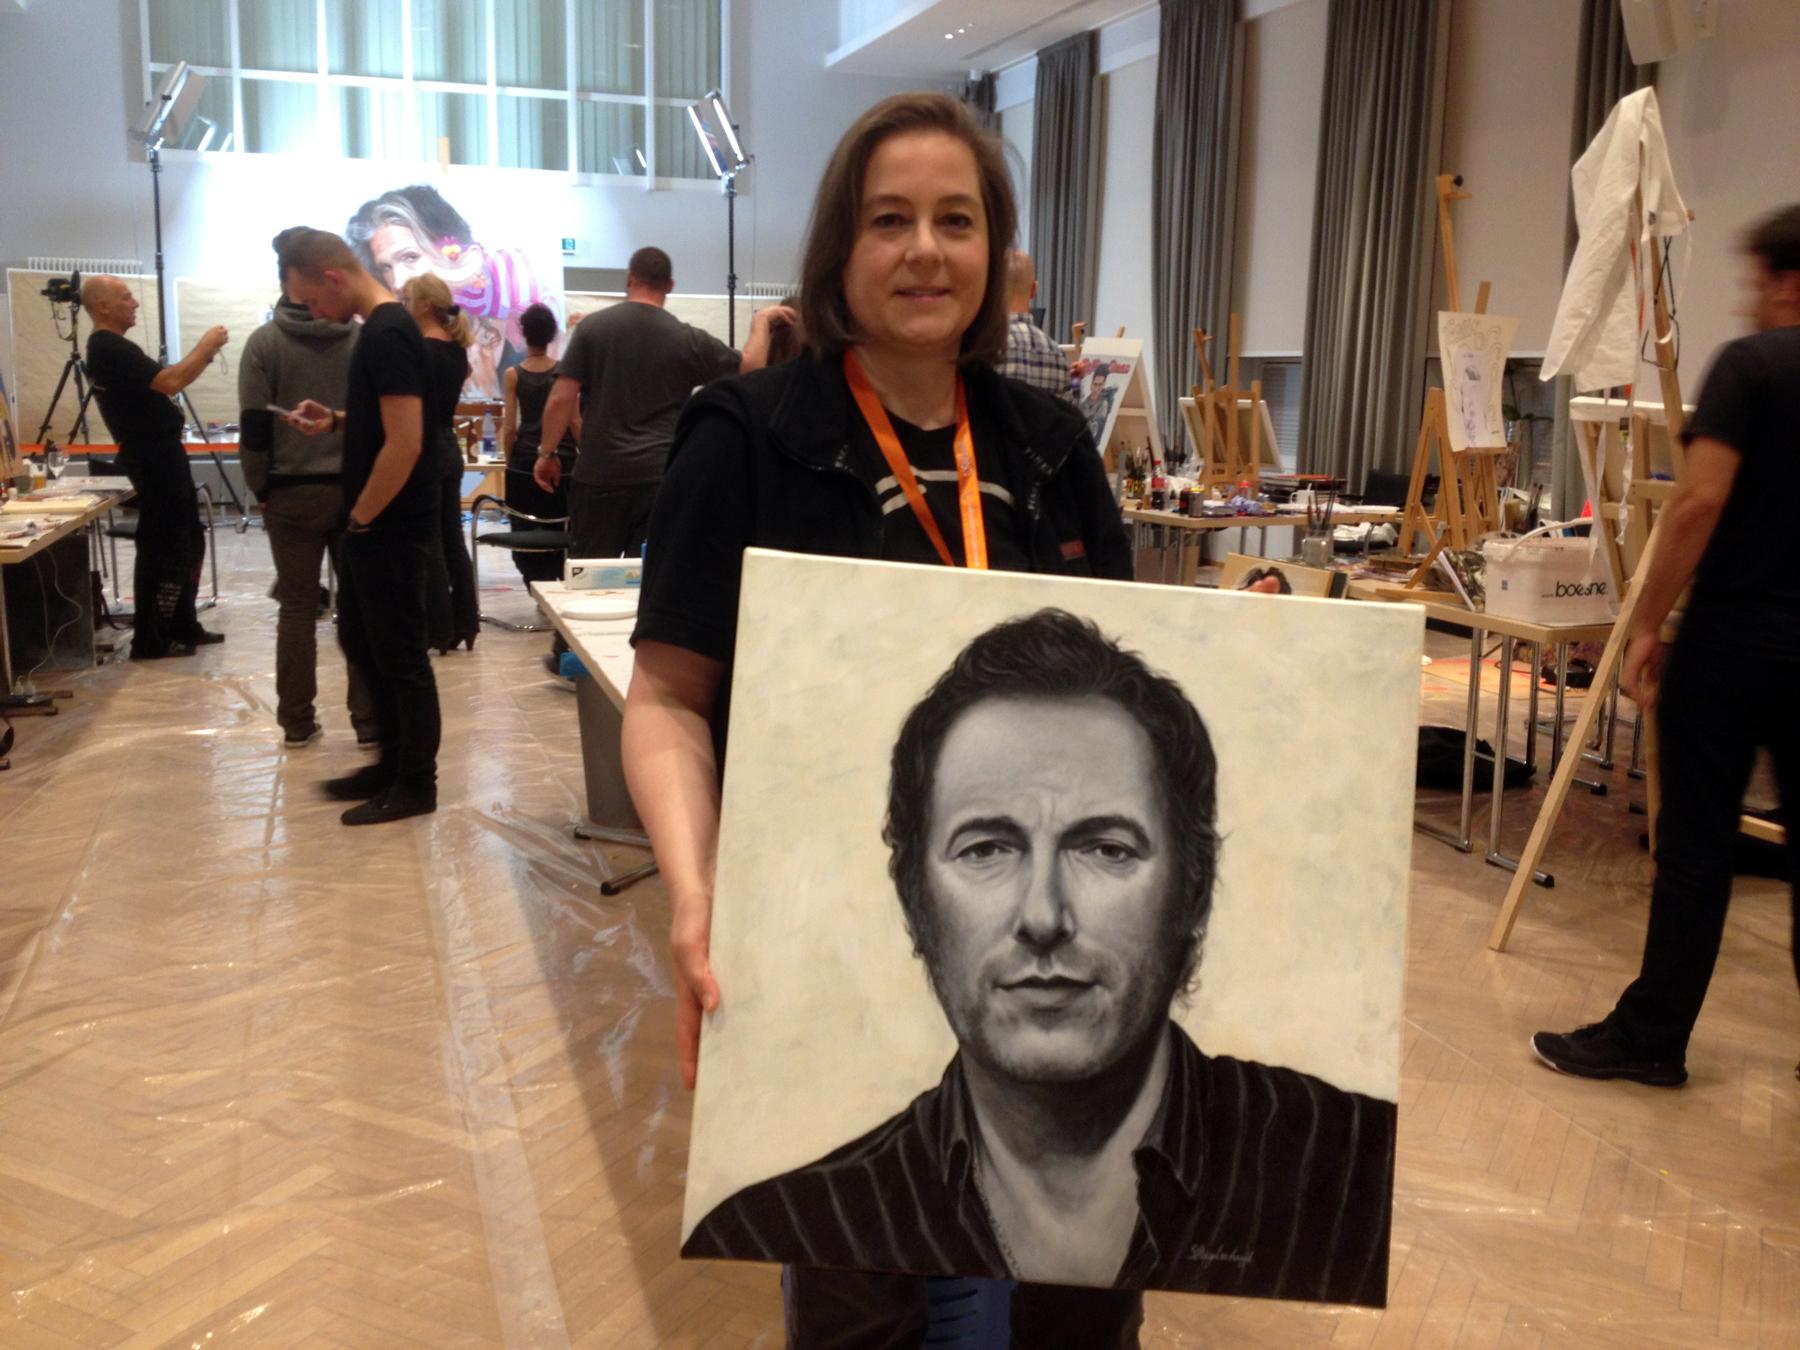 MasterclassSKrueger-2015-Naglschmid-web1